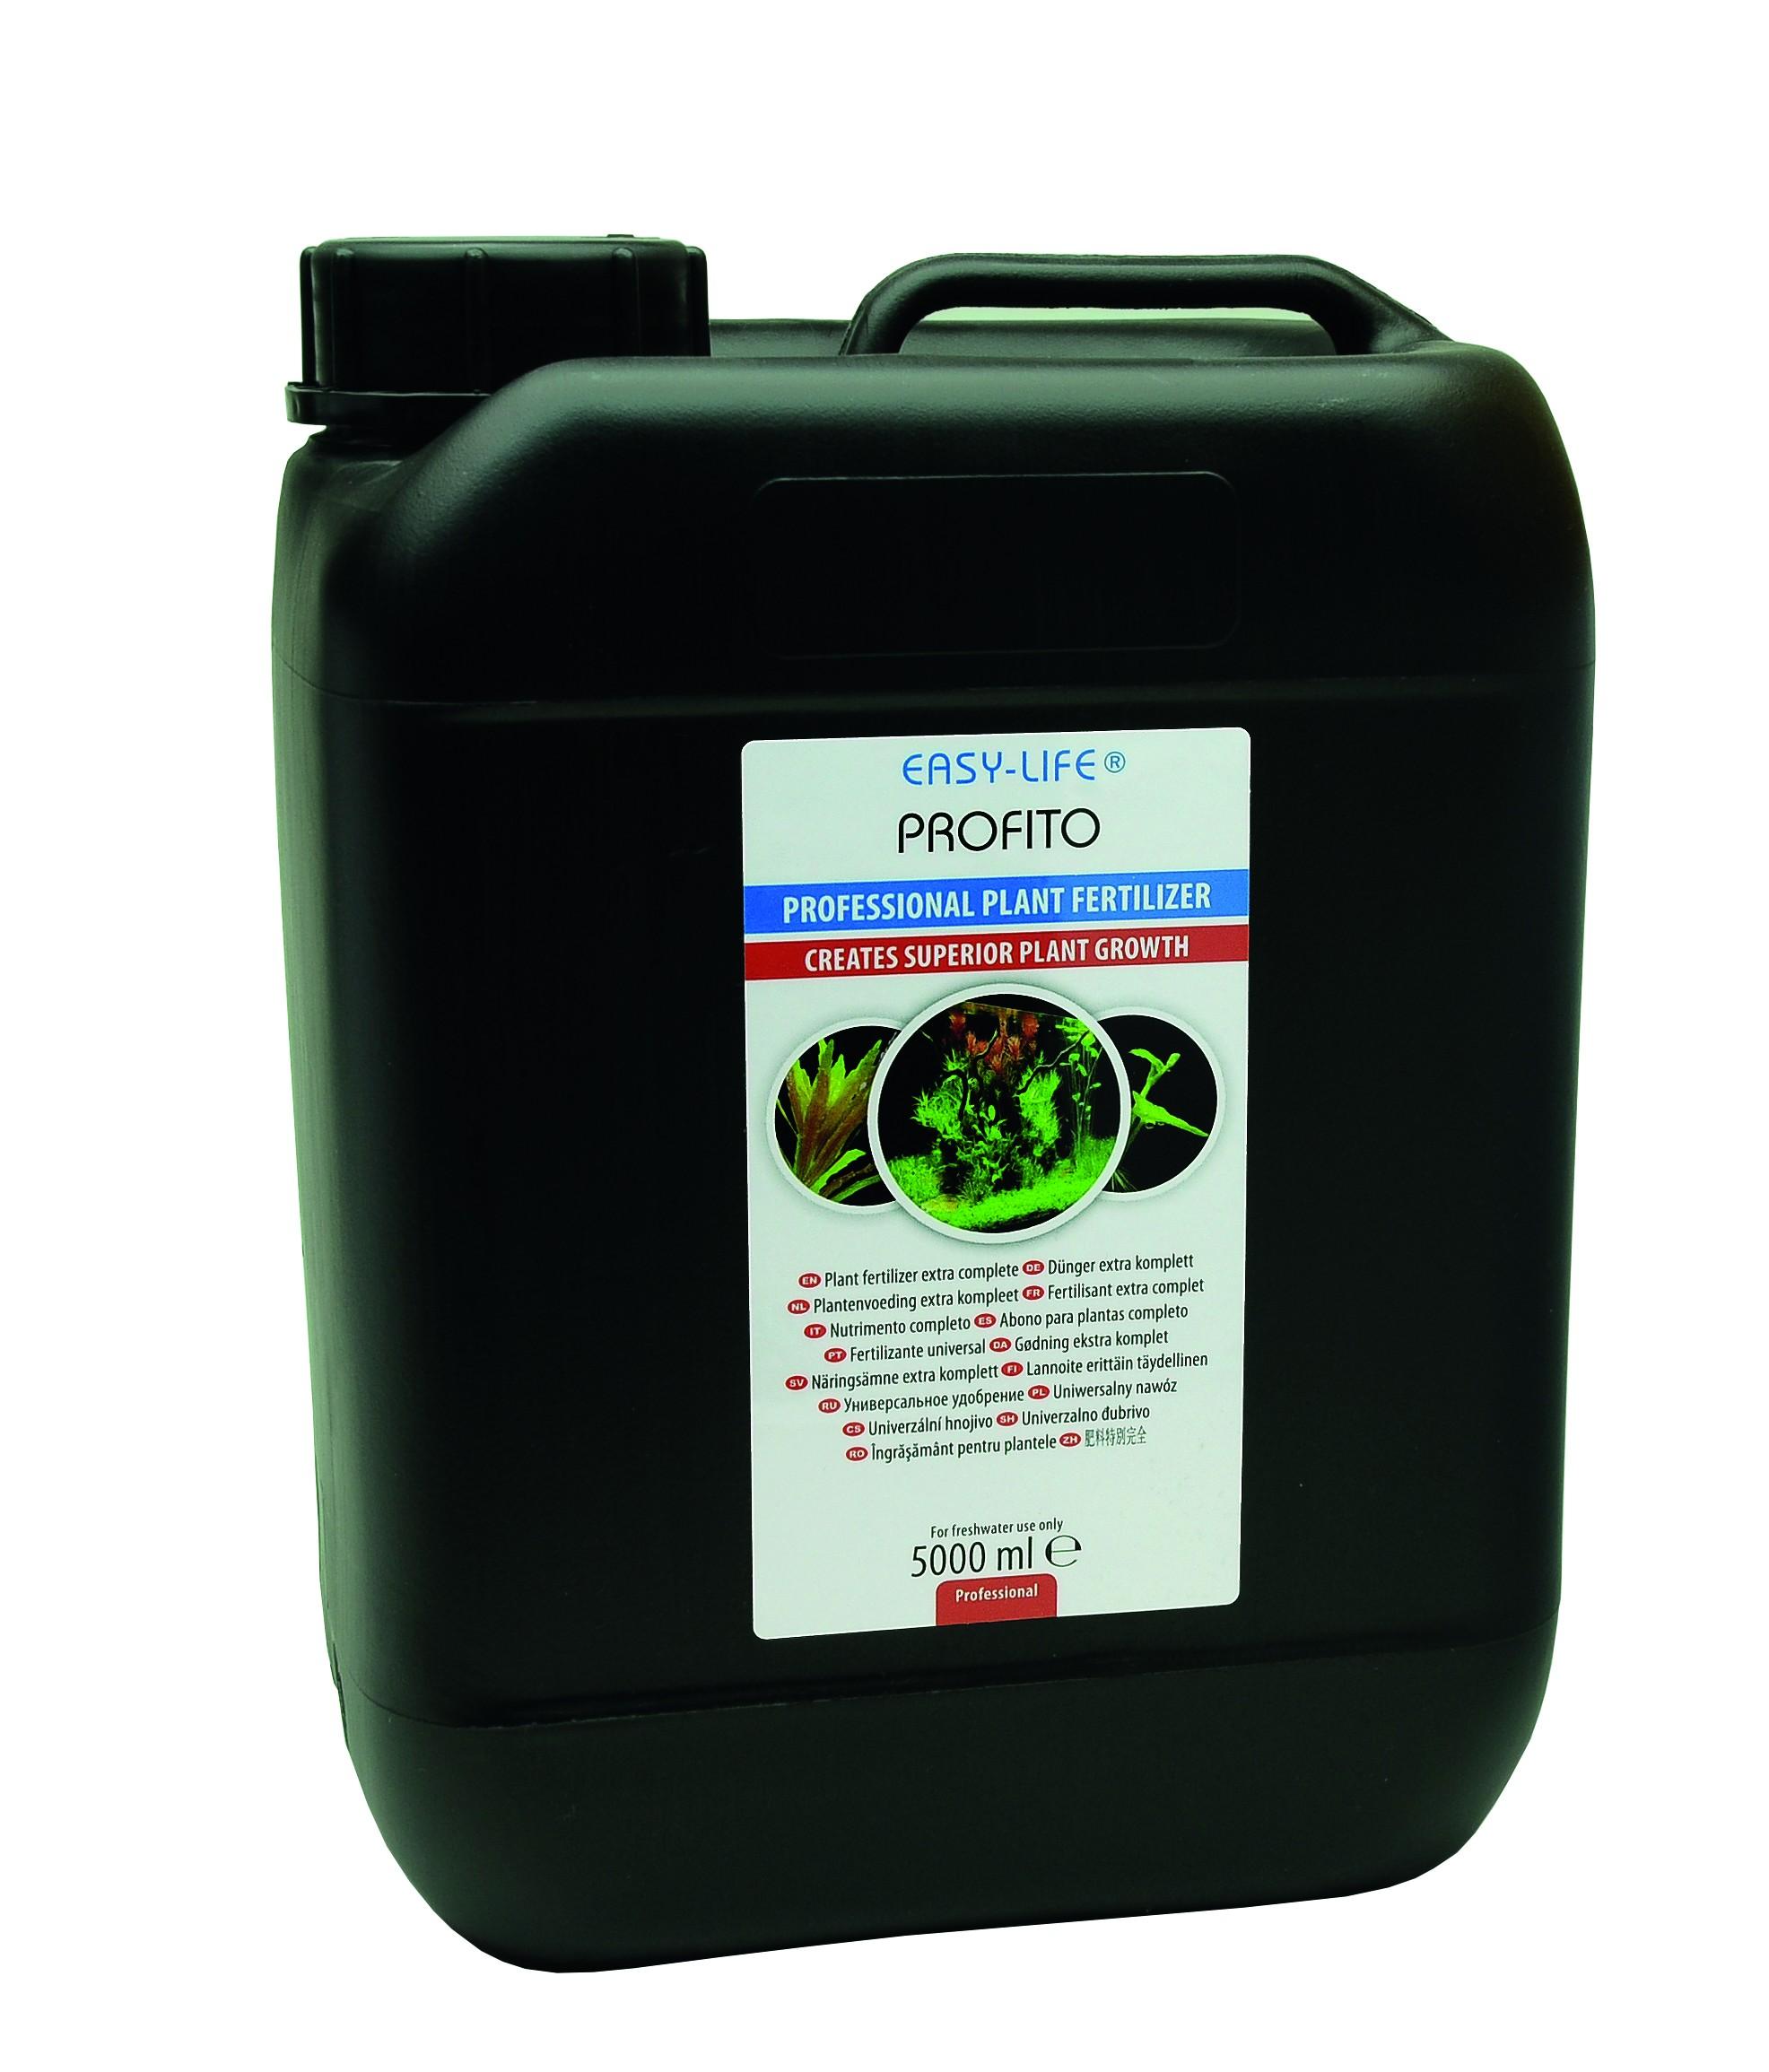 profito-5000-ml